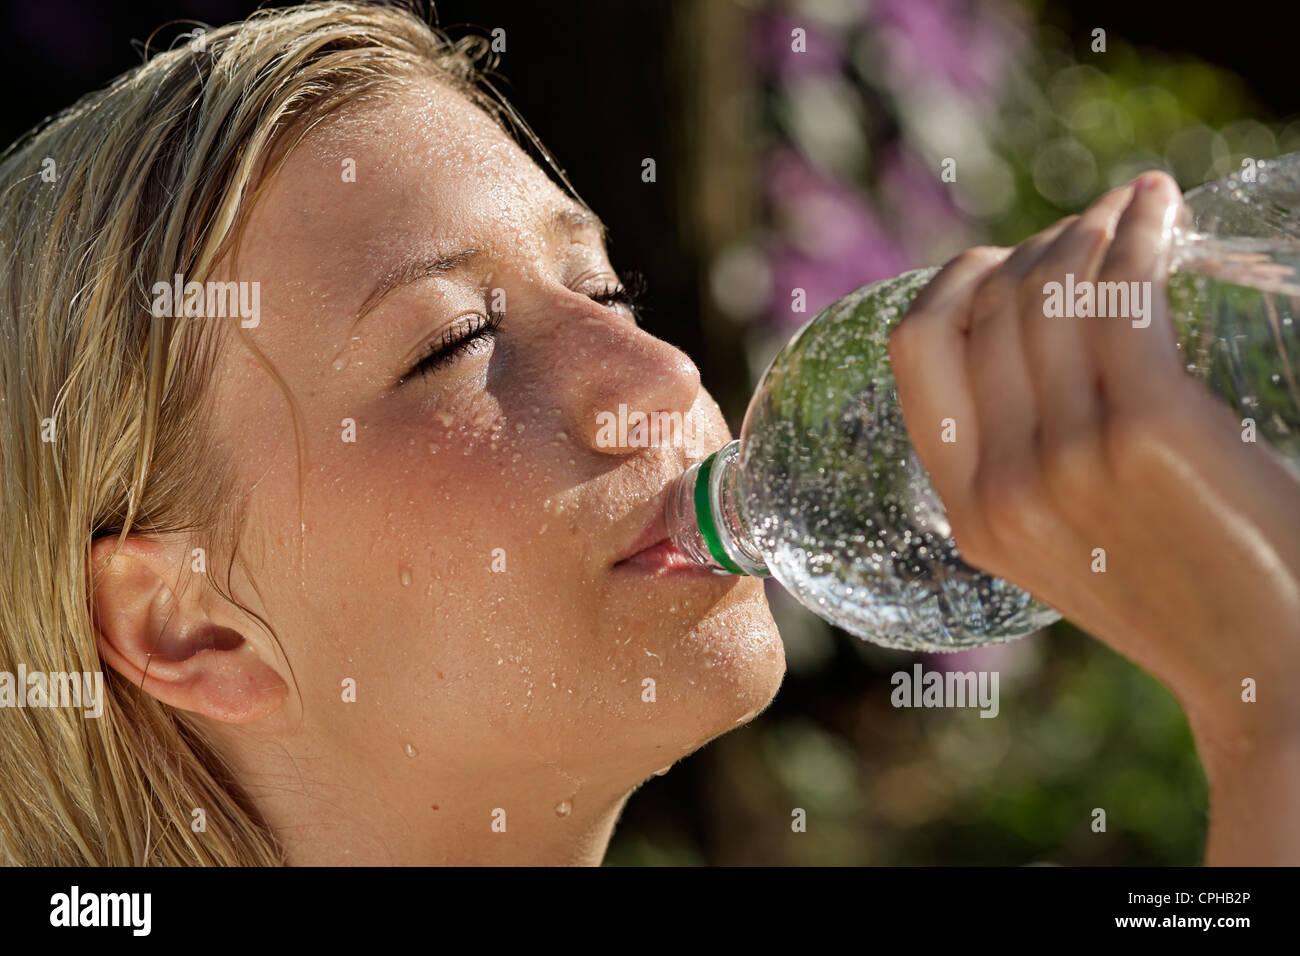 Jolie jeune fille de l'eau potable Banque D'Images